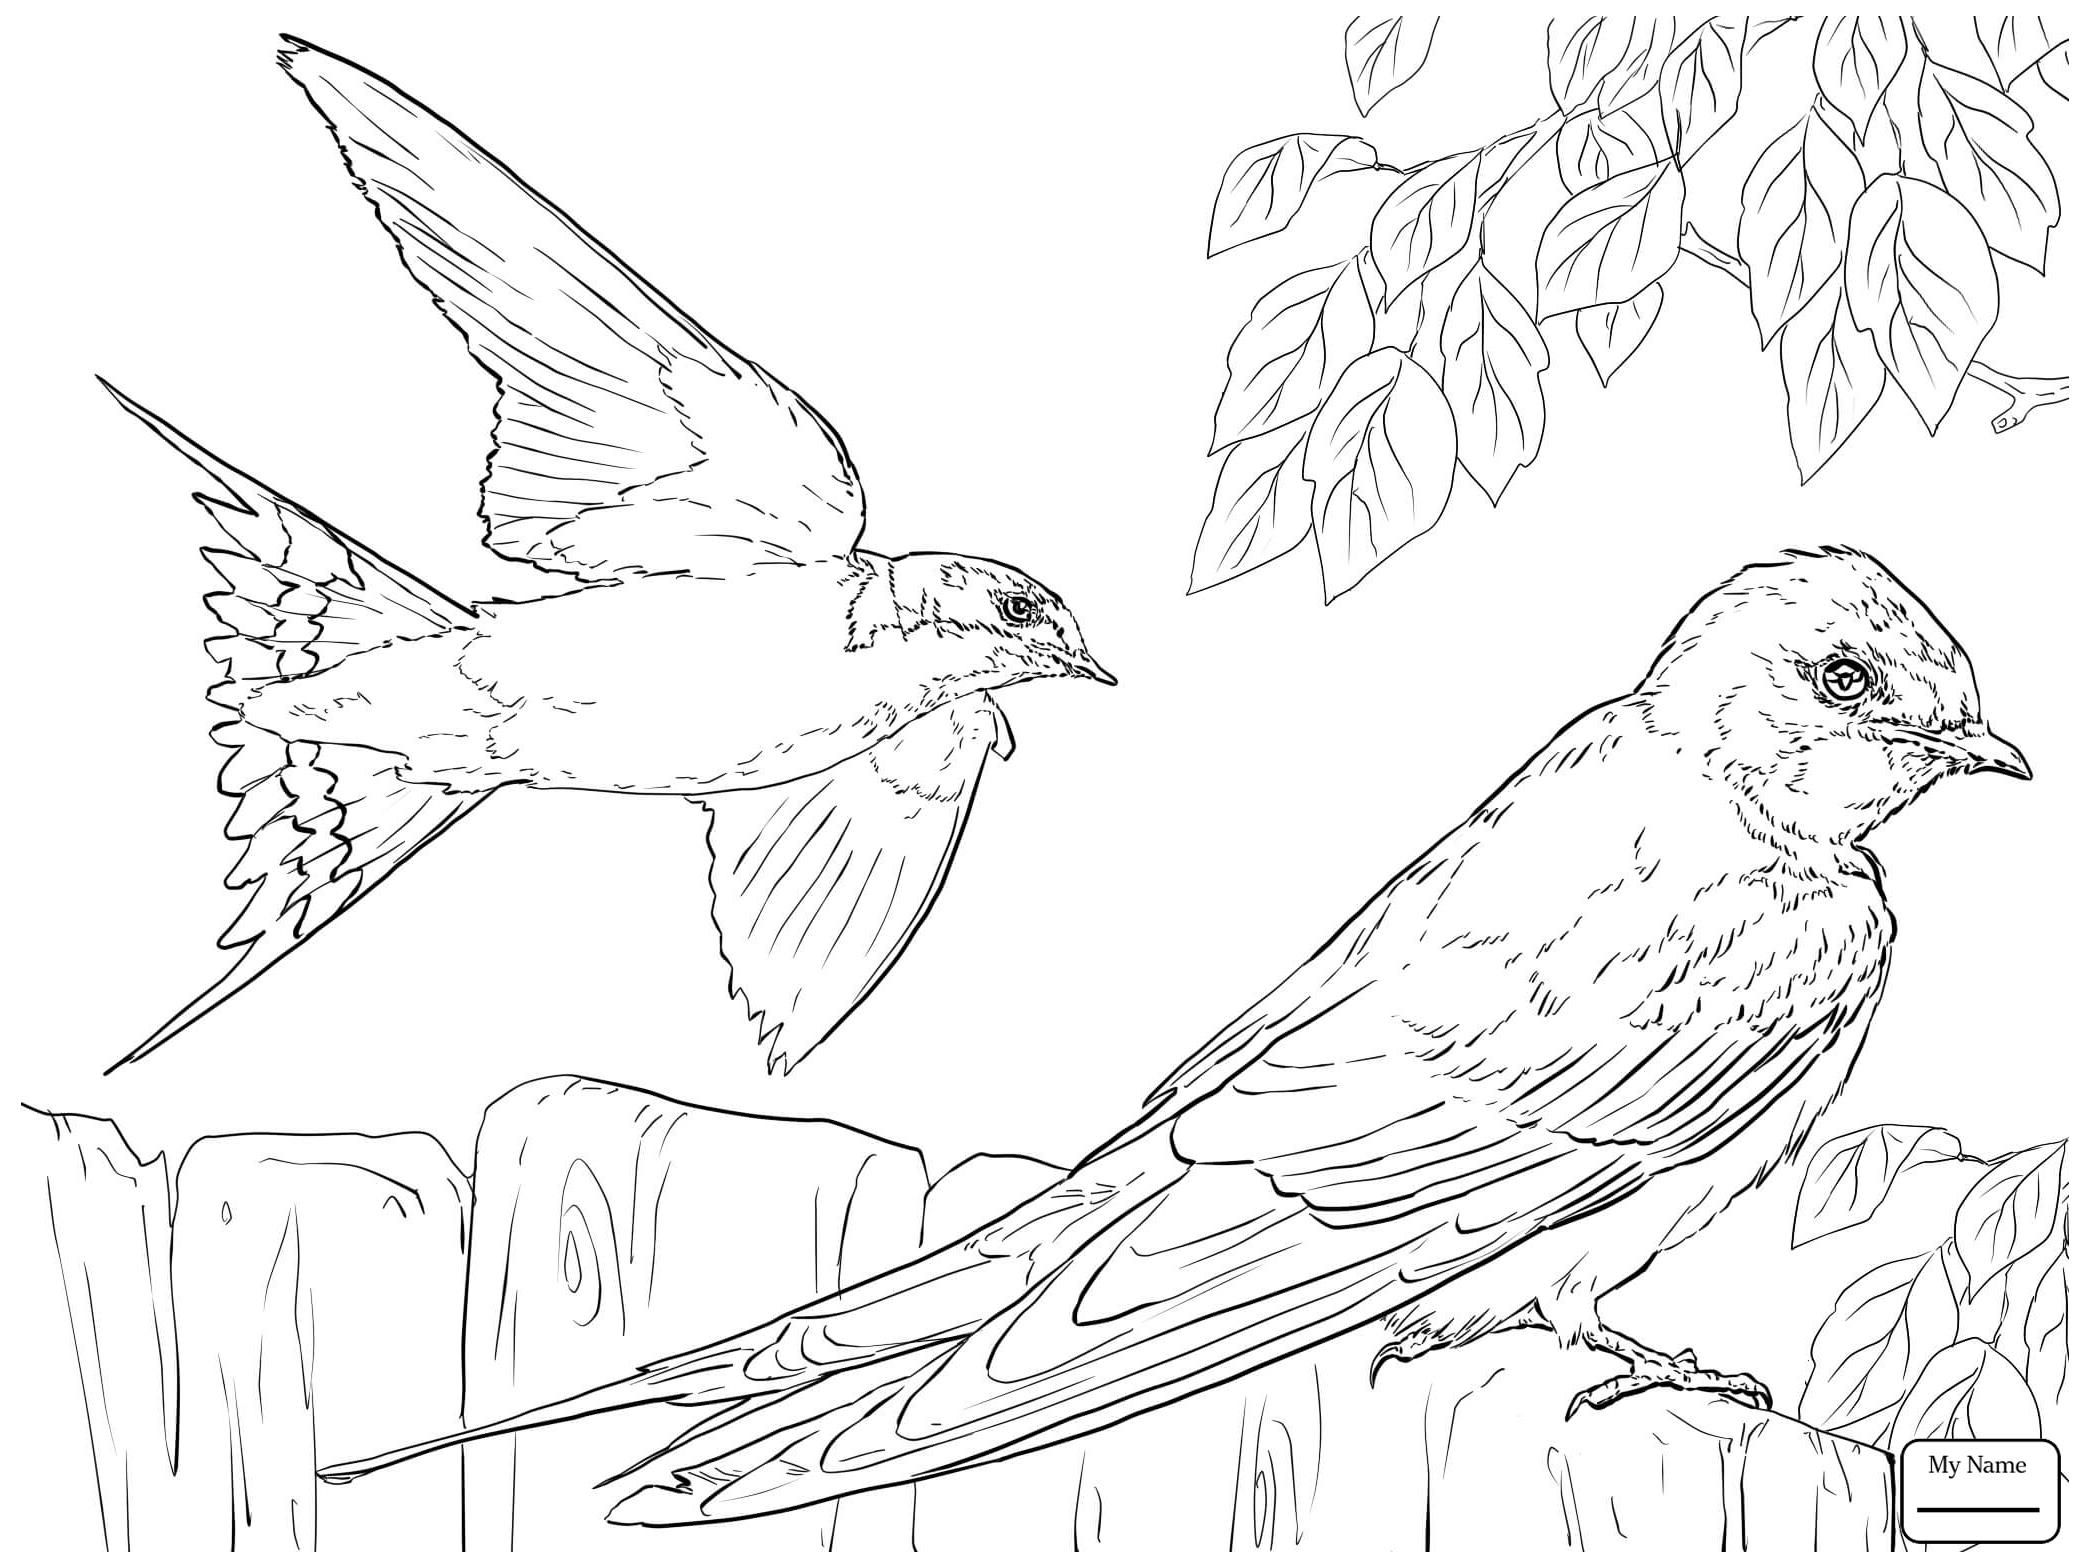 Drawn Crow Flight Silhouette